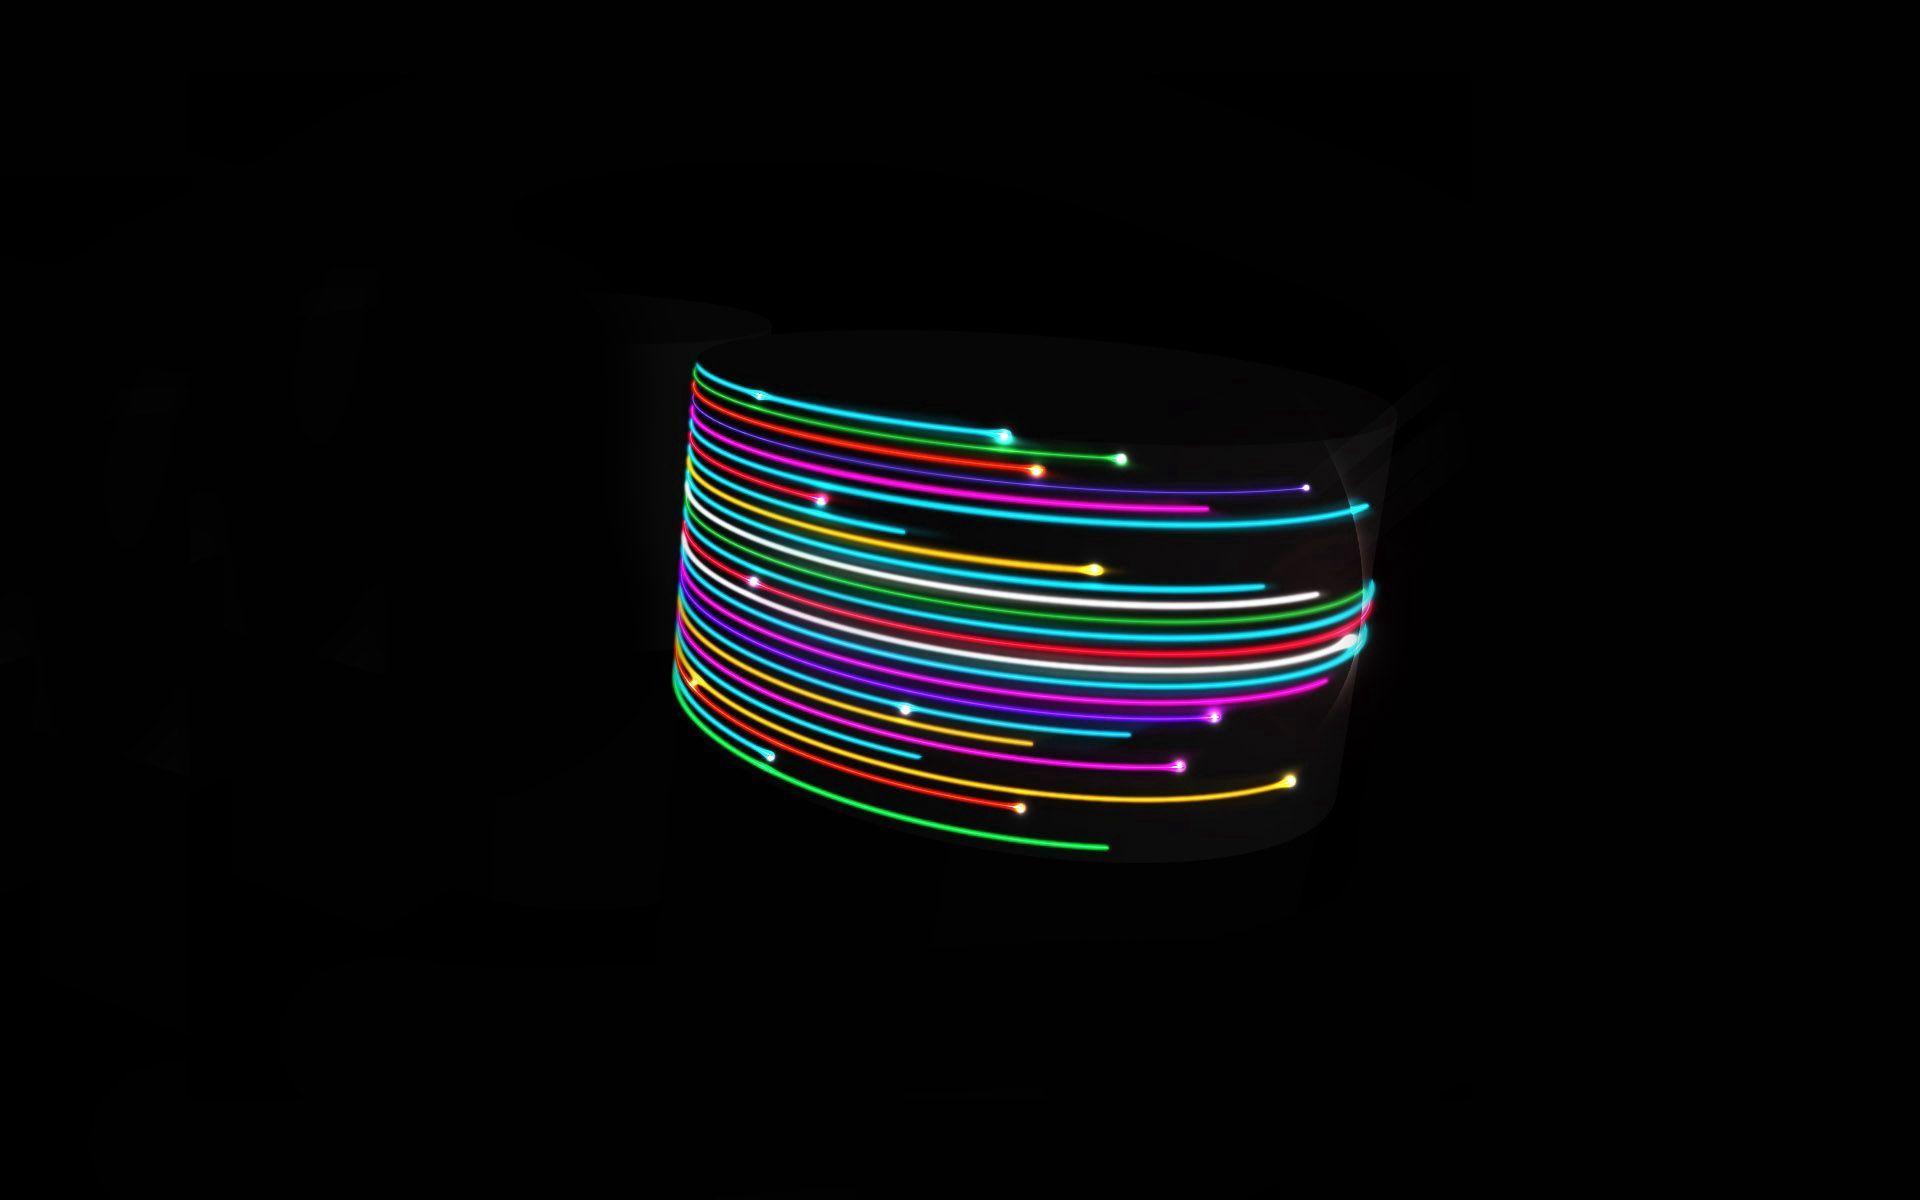 98771 скачать обои Абстракция, Линии, Свет, Разноцветный, Яркий, Черный, Фон - заставки и картинки бесплатно